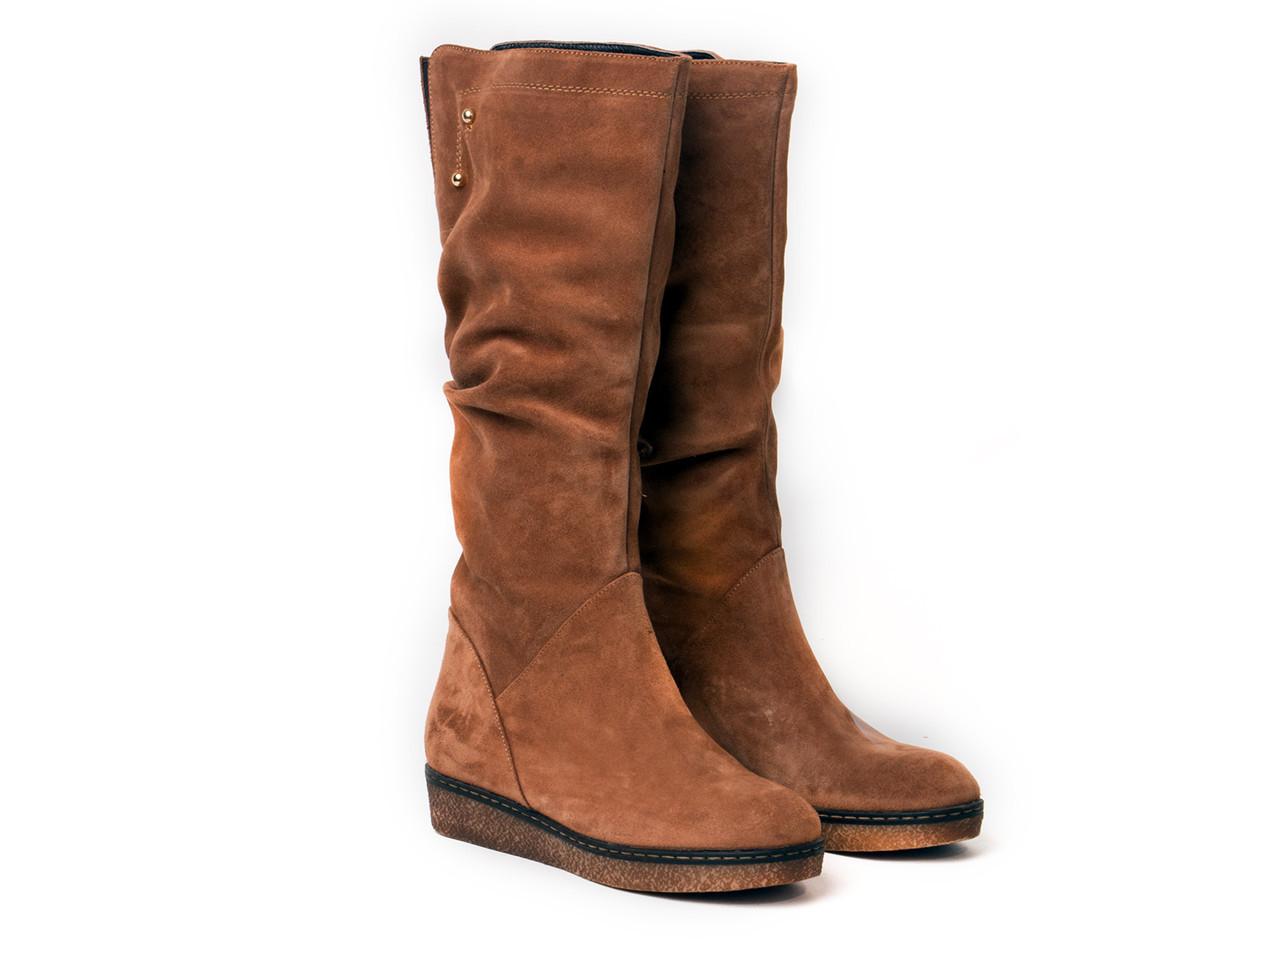 Сапоги Etor 4268-0012-451 37 коричневые